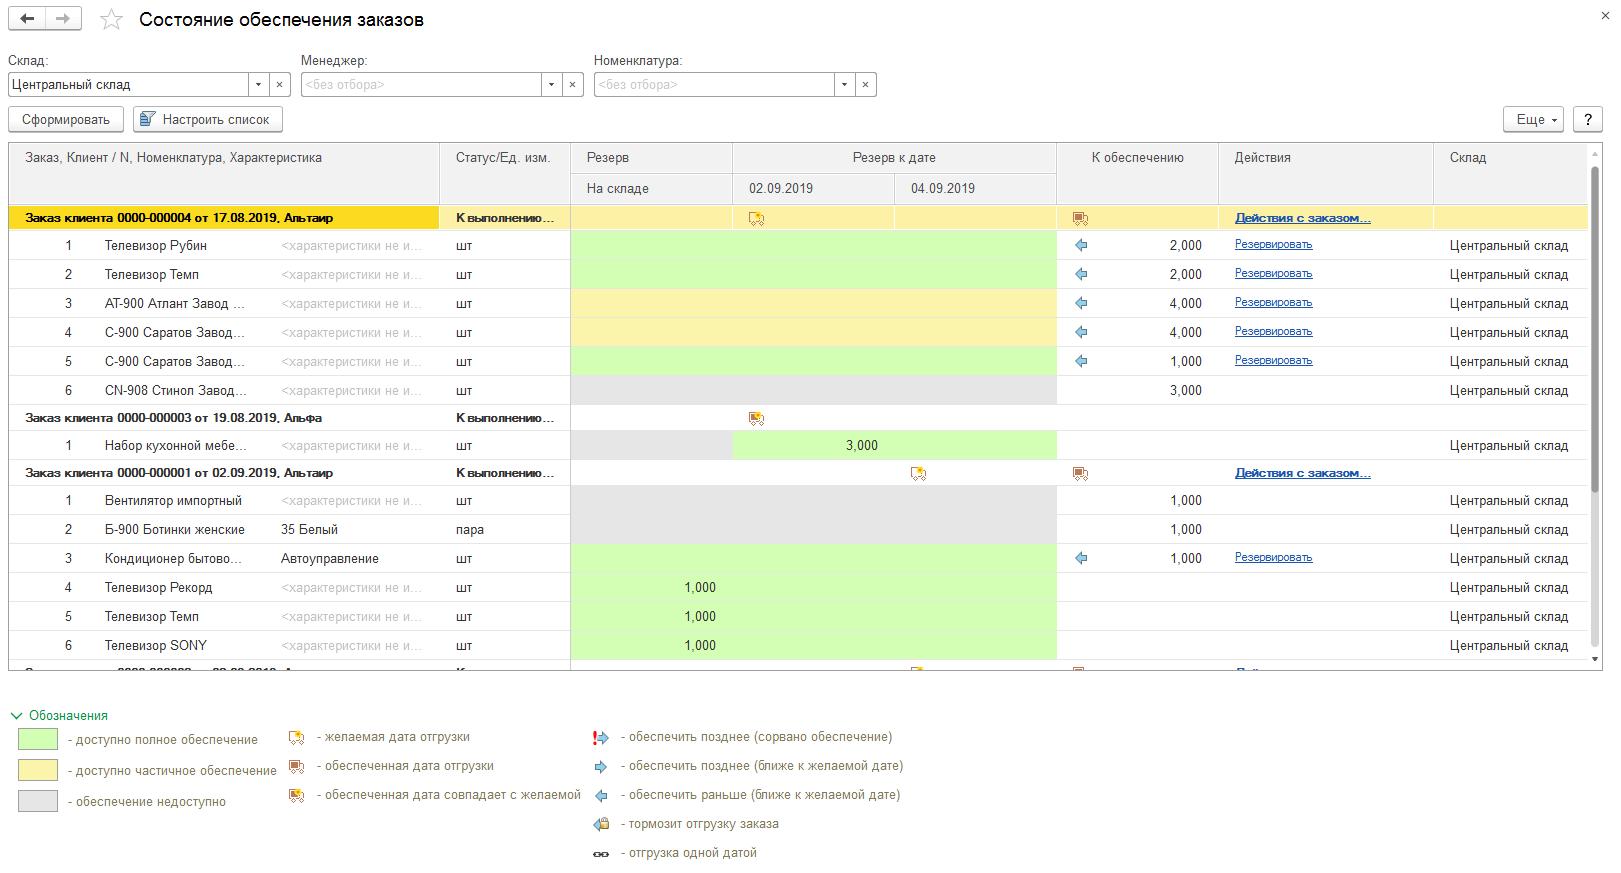 Управление запасами, Состояние обеспечения заказов